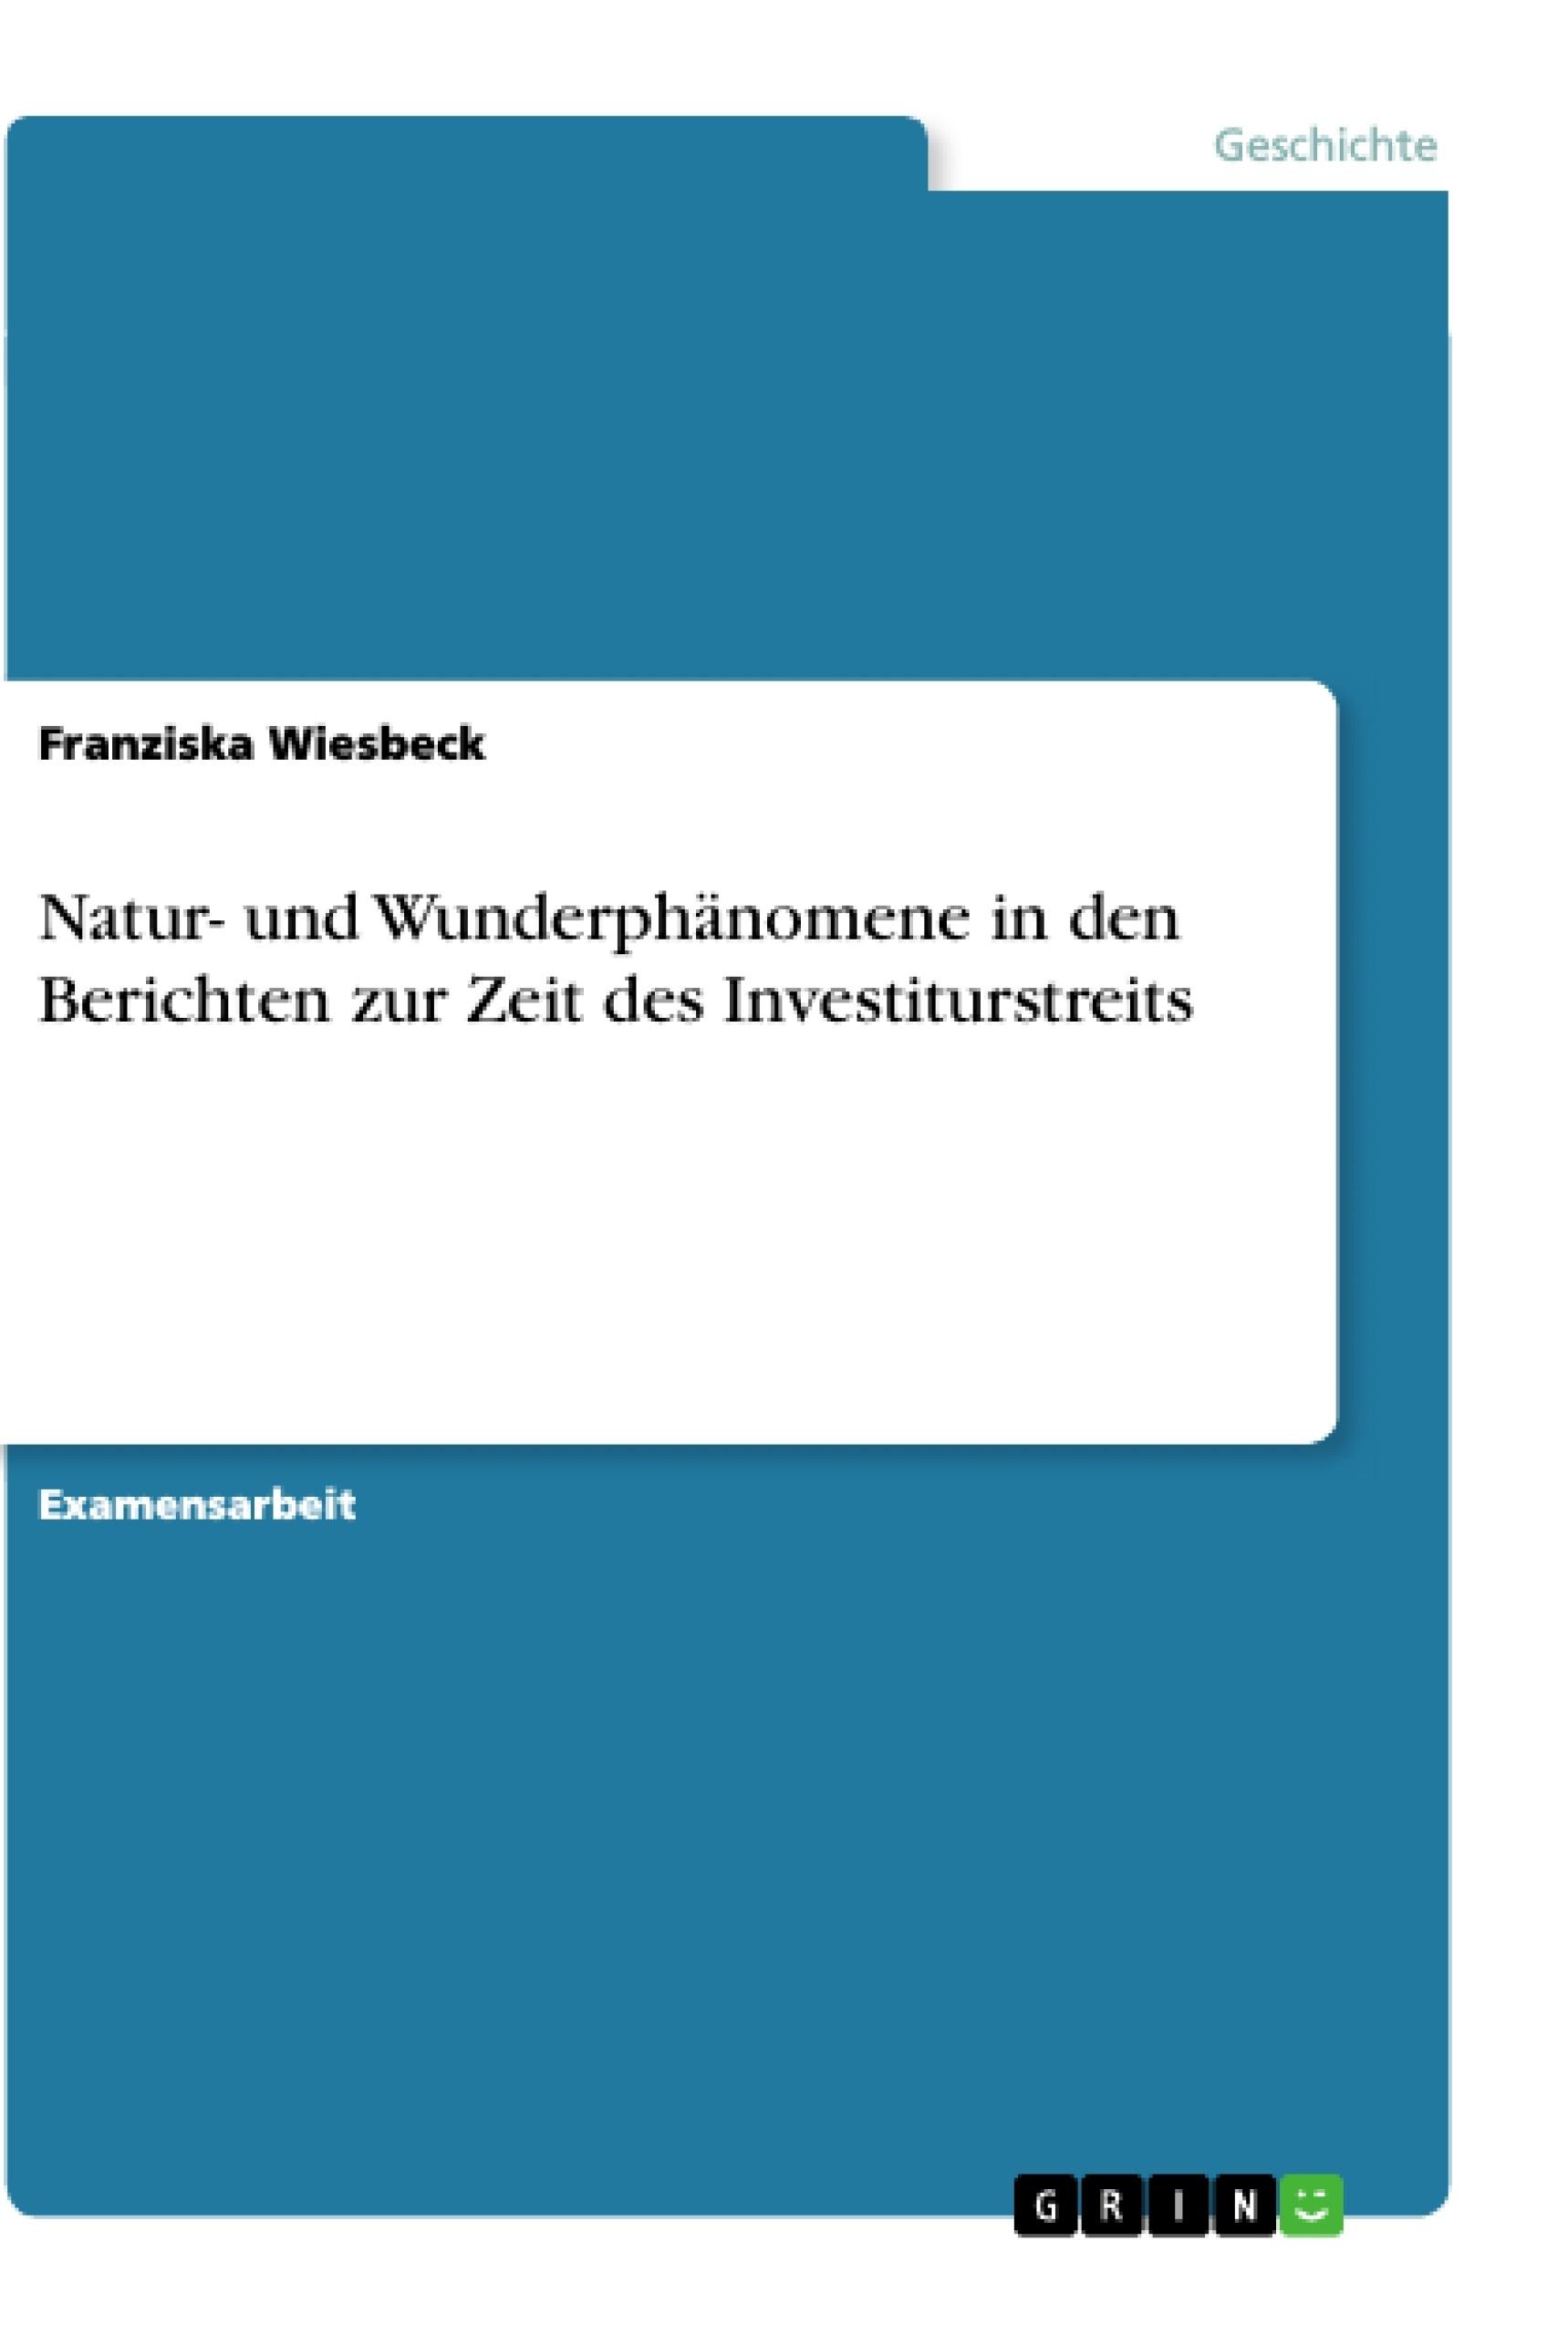 Titel: Natur- und Wunderphänomene in den Berichten zur Zeit des Investiturstreits